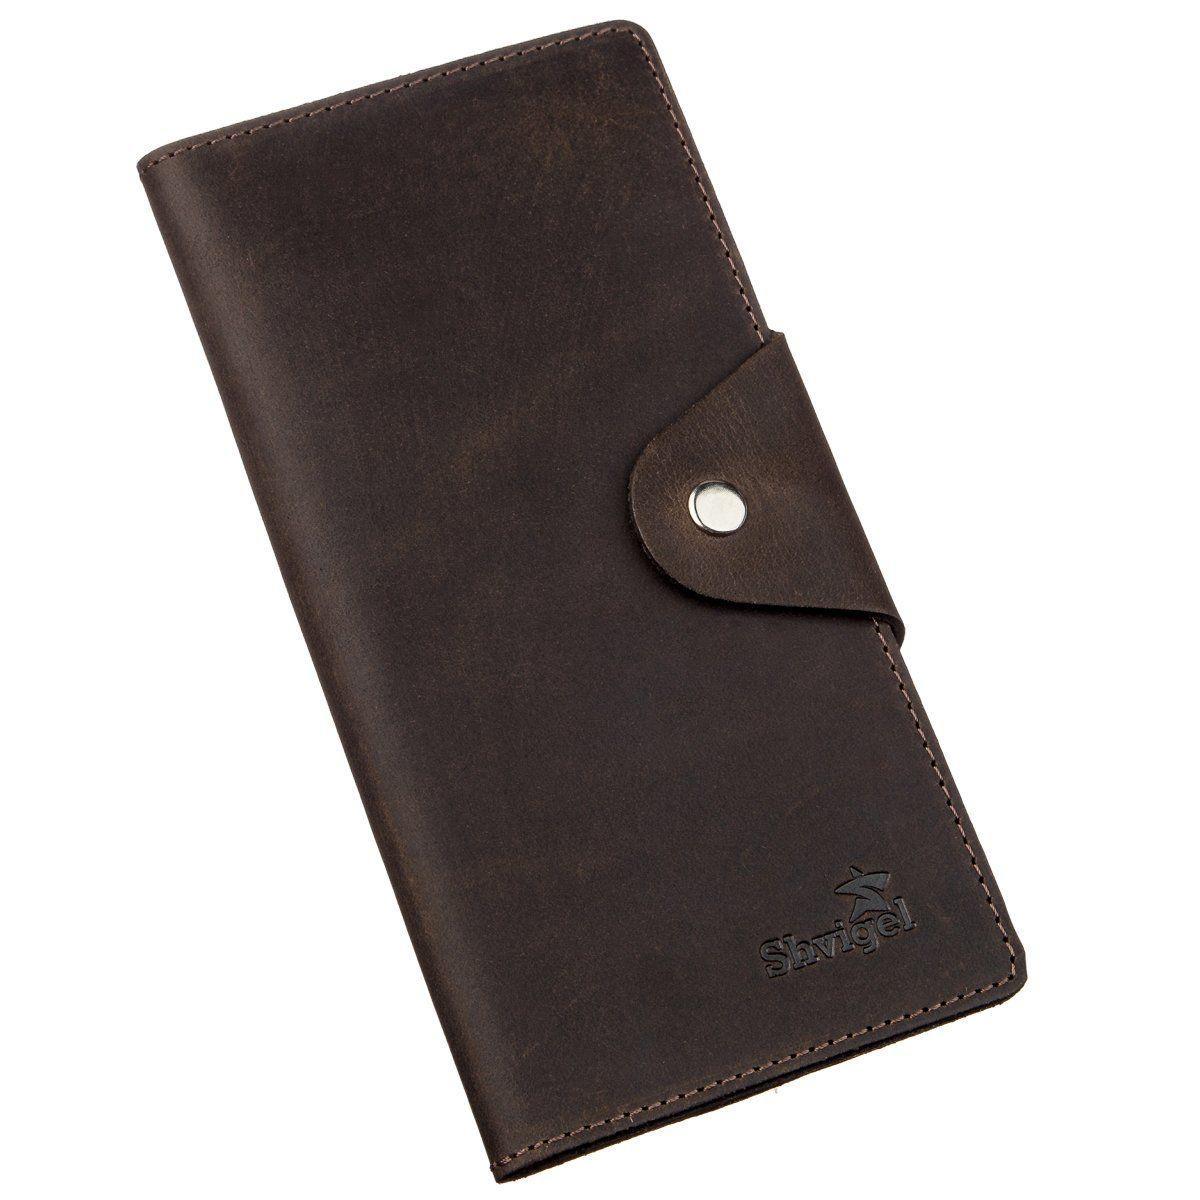 Бумажник вертикальный из винтажной кожи на кнопках SHVIGEL 16180 Коричневый, Коричневый